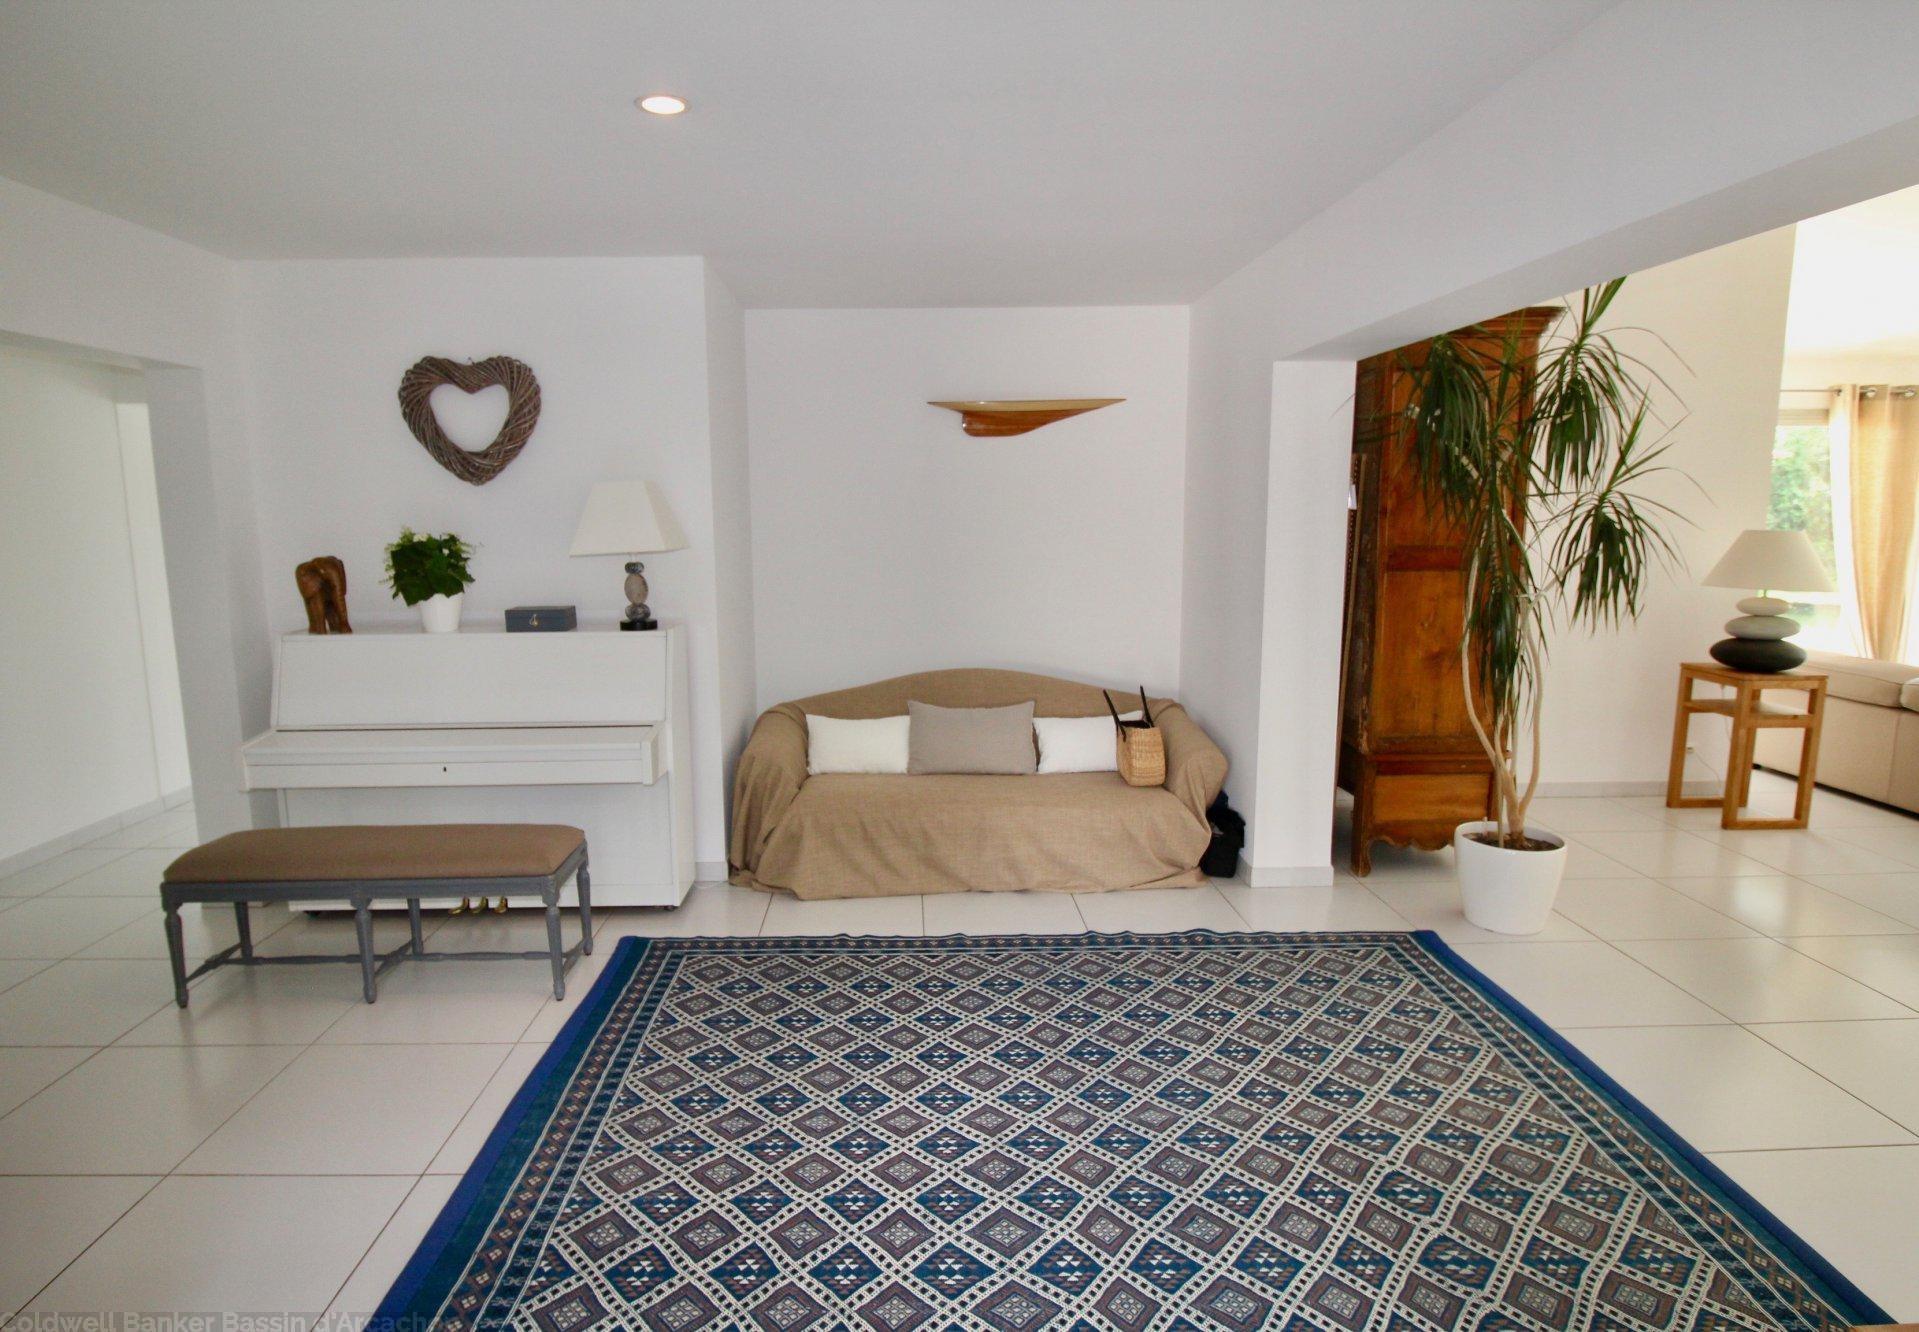 achat maison 4 chambres avec jardin et piscine merignac proche bordeaux